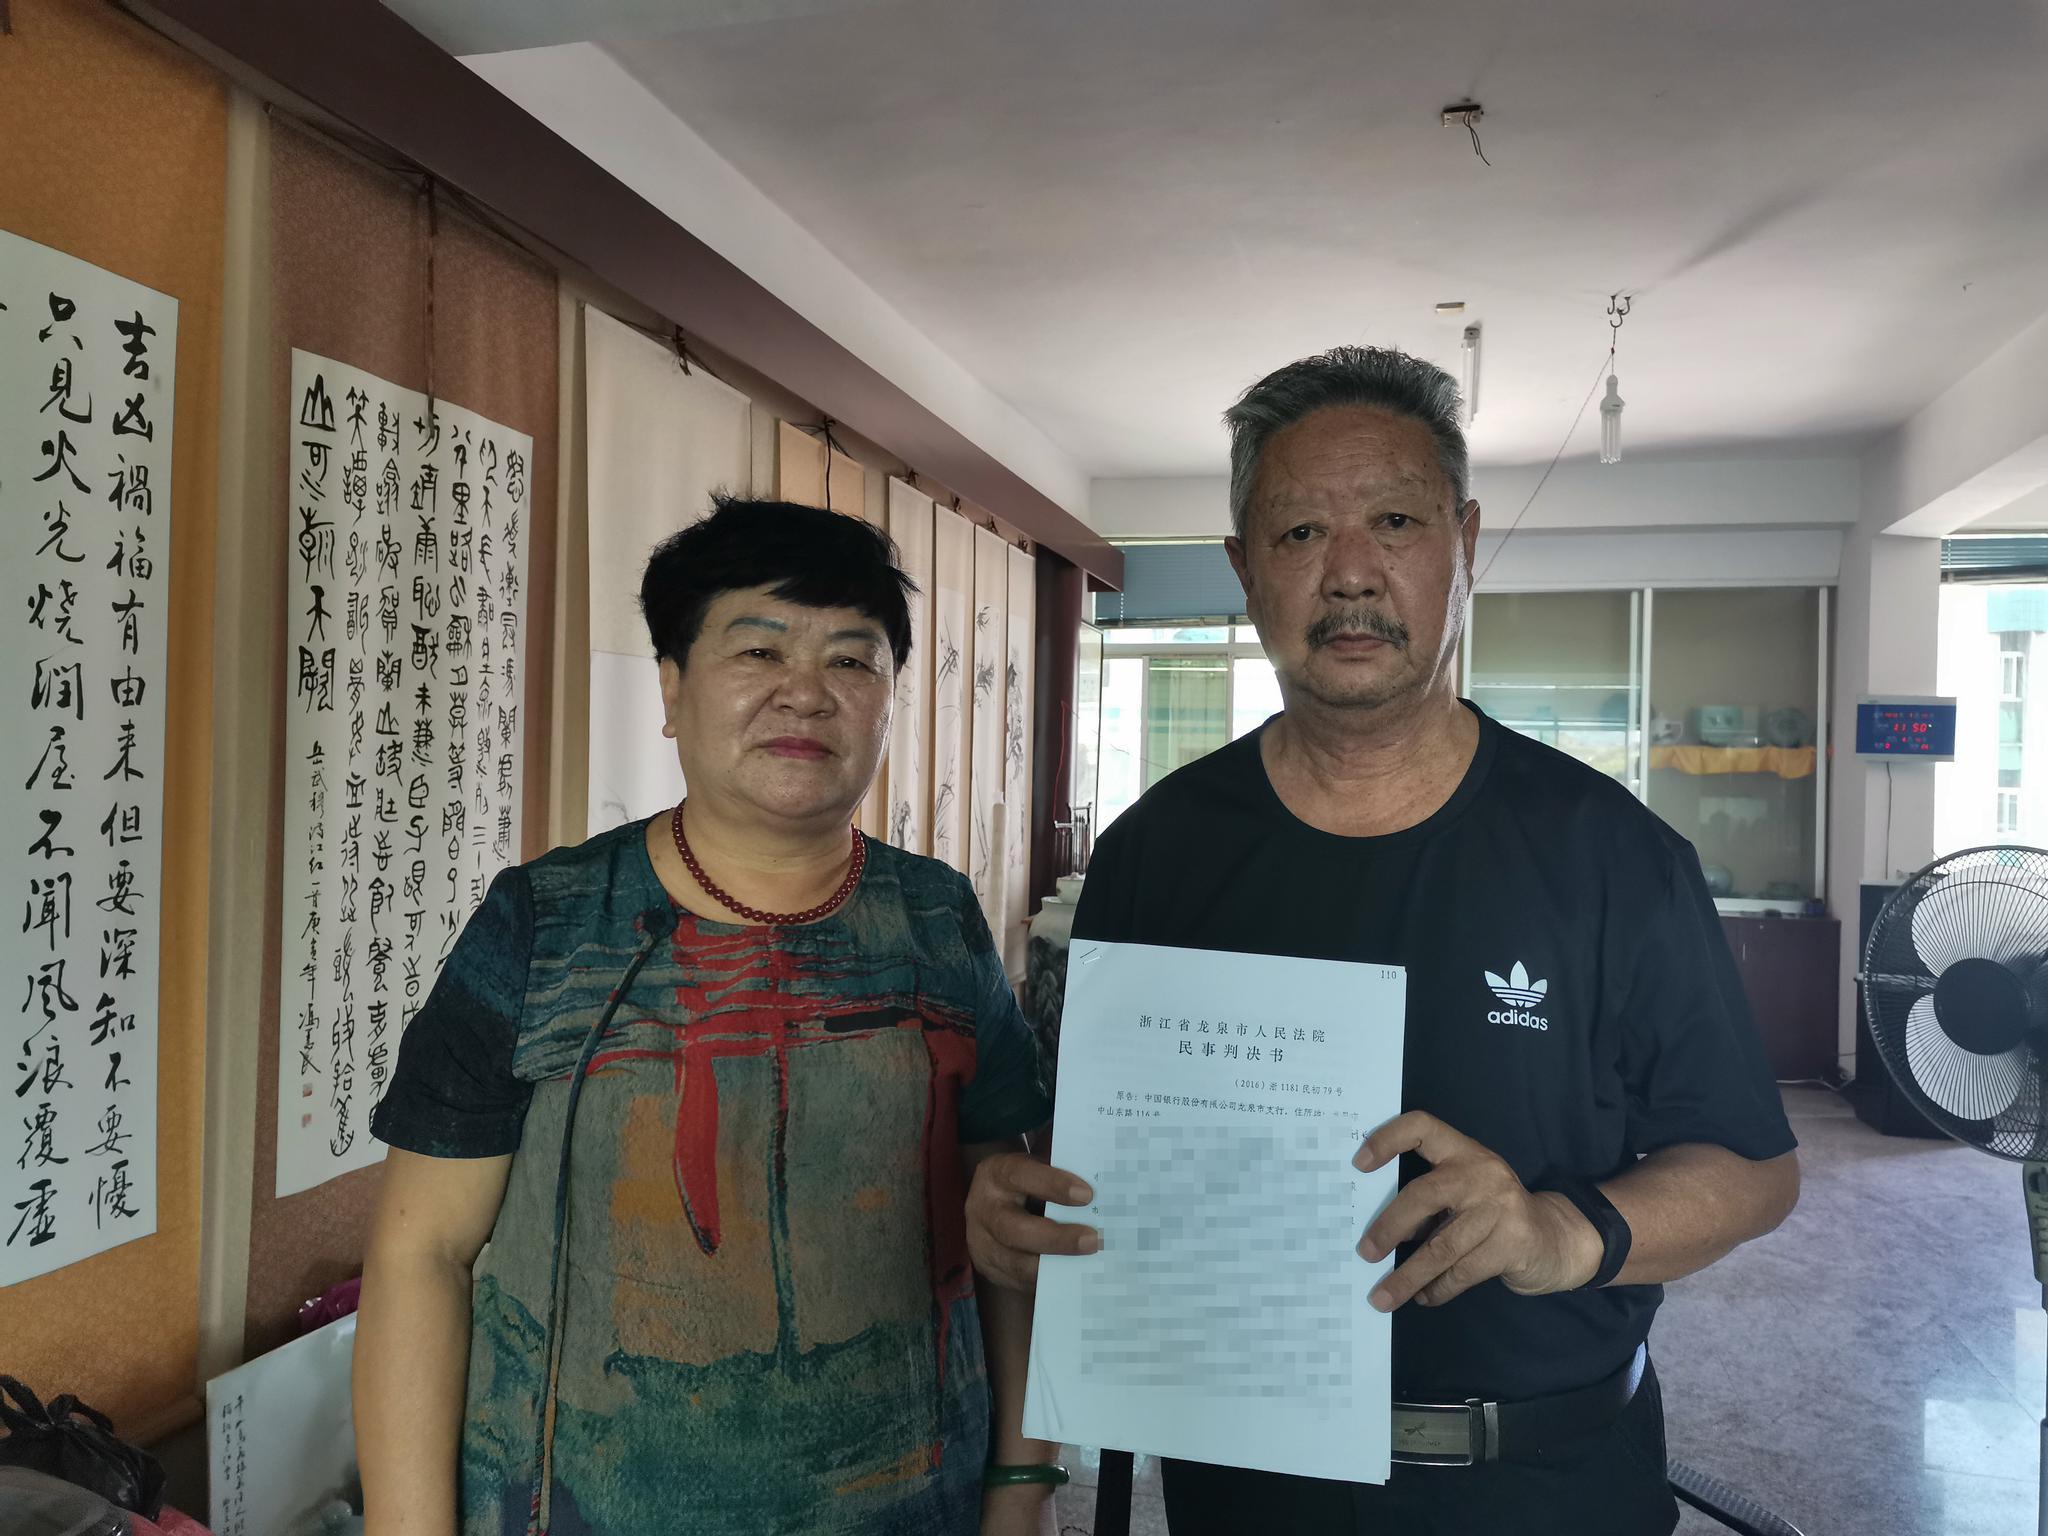 2019年7月17日,李成恩、蔡仁英在家中向新京报记者展示判决书,他们所在的房子已被抵押。 新京报记者 韩茹雪 摄